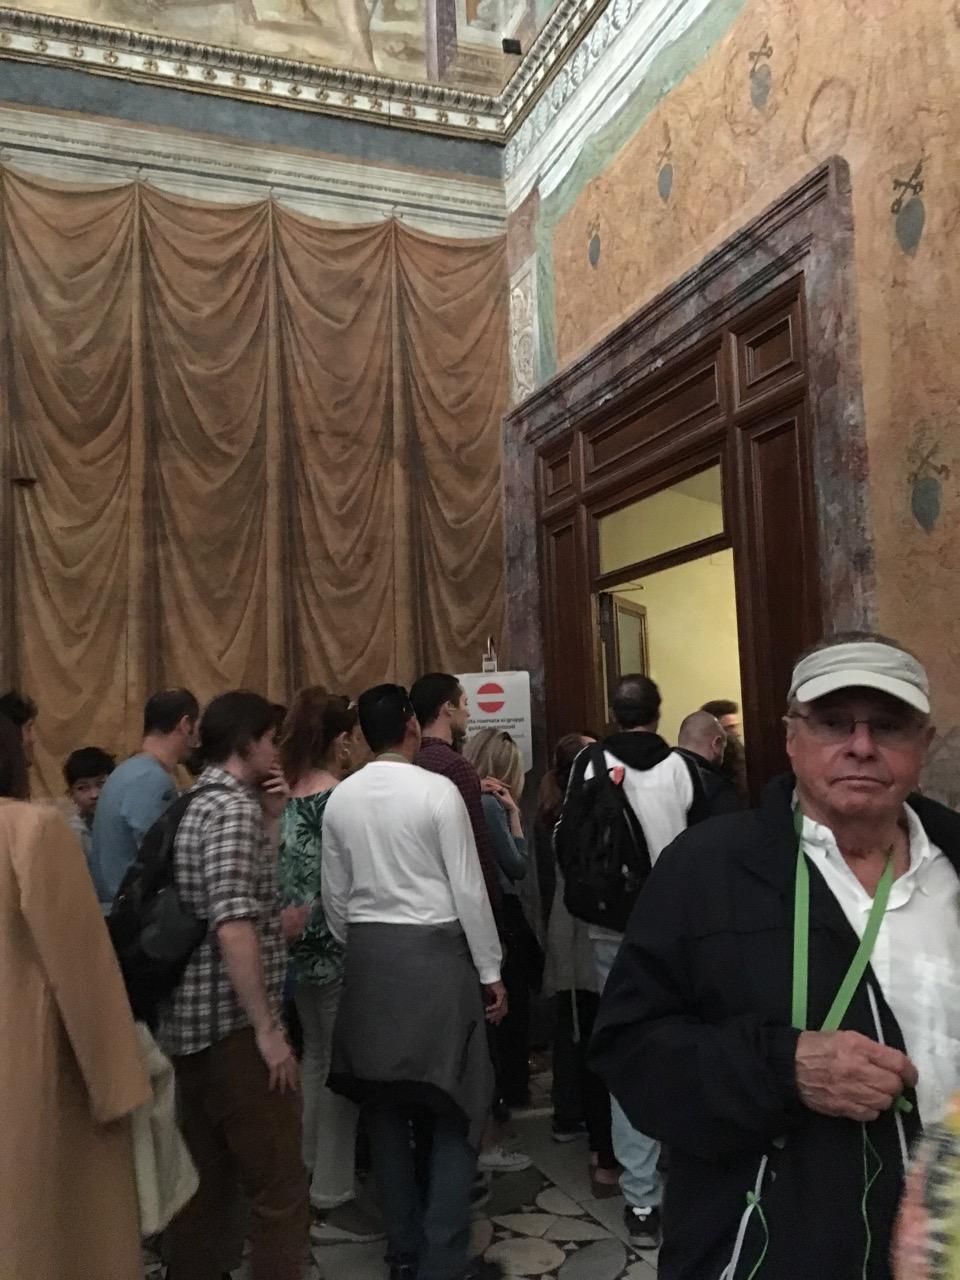 西斯廷礼拜堂右边的门,只允许旅游团通过,实际上没人管